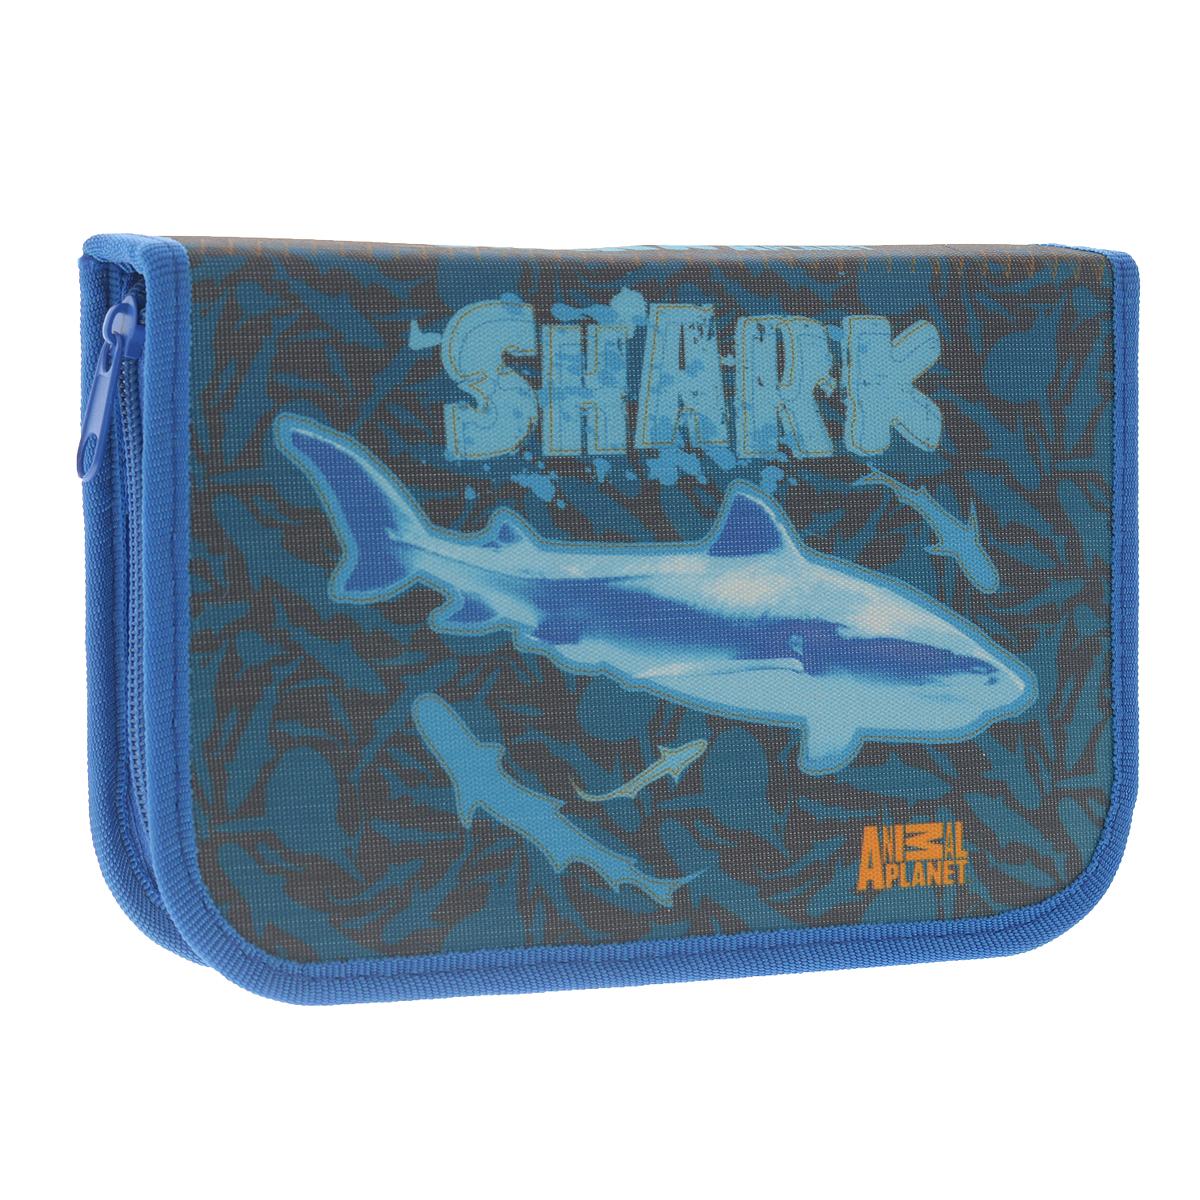 Пенал Action! Animal Planet: Shark, цвет: синий72523WDПенал Action! Animal Planet: Shark состоит из одного вместительного отделения, закрывающегося на застежку-молнию.Пенал предназначен специально для школьников, в нем можно хранить все письменные принадлежности.